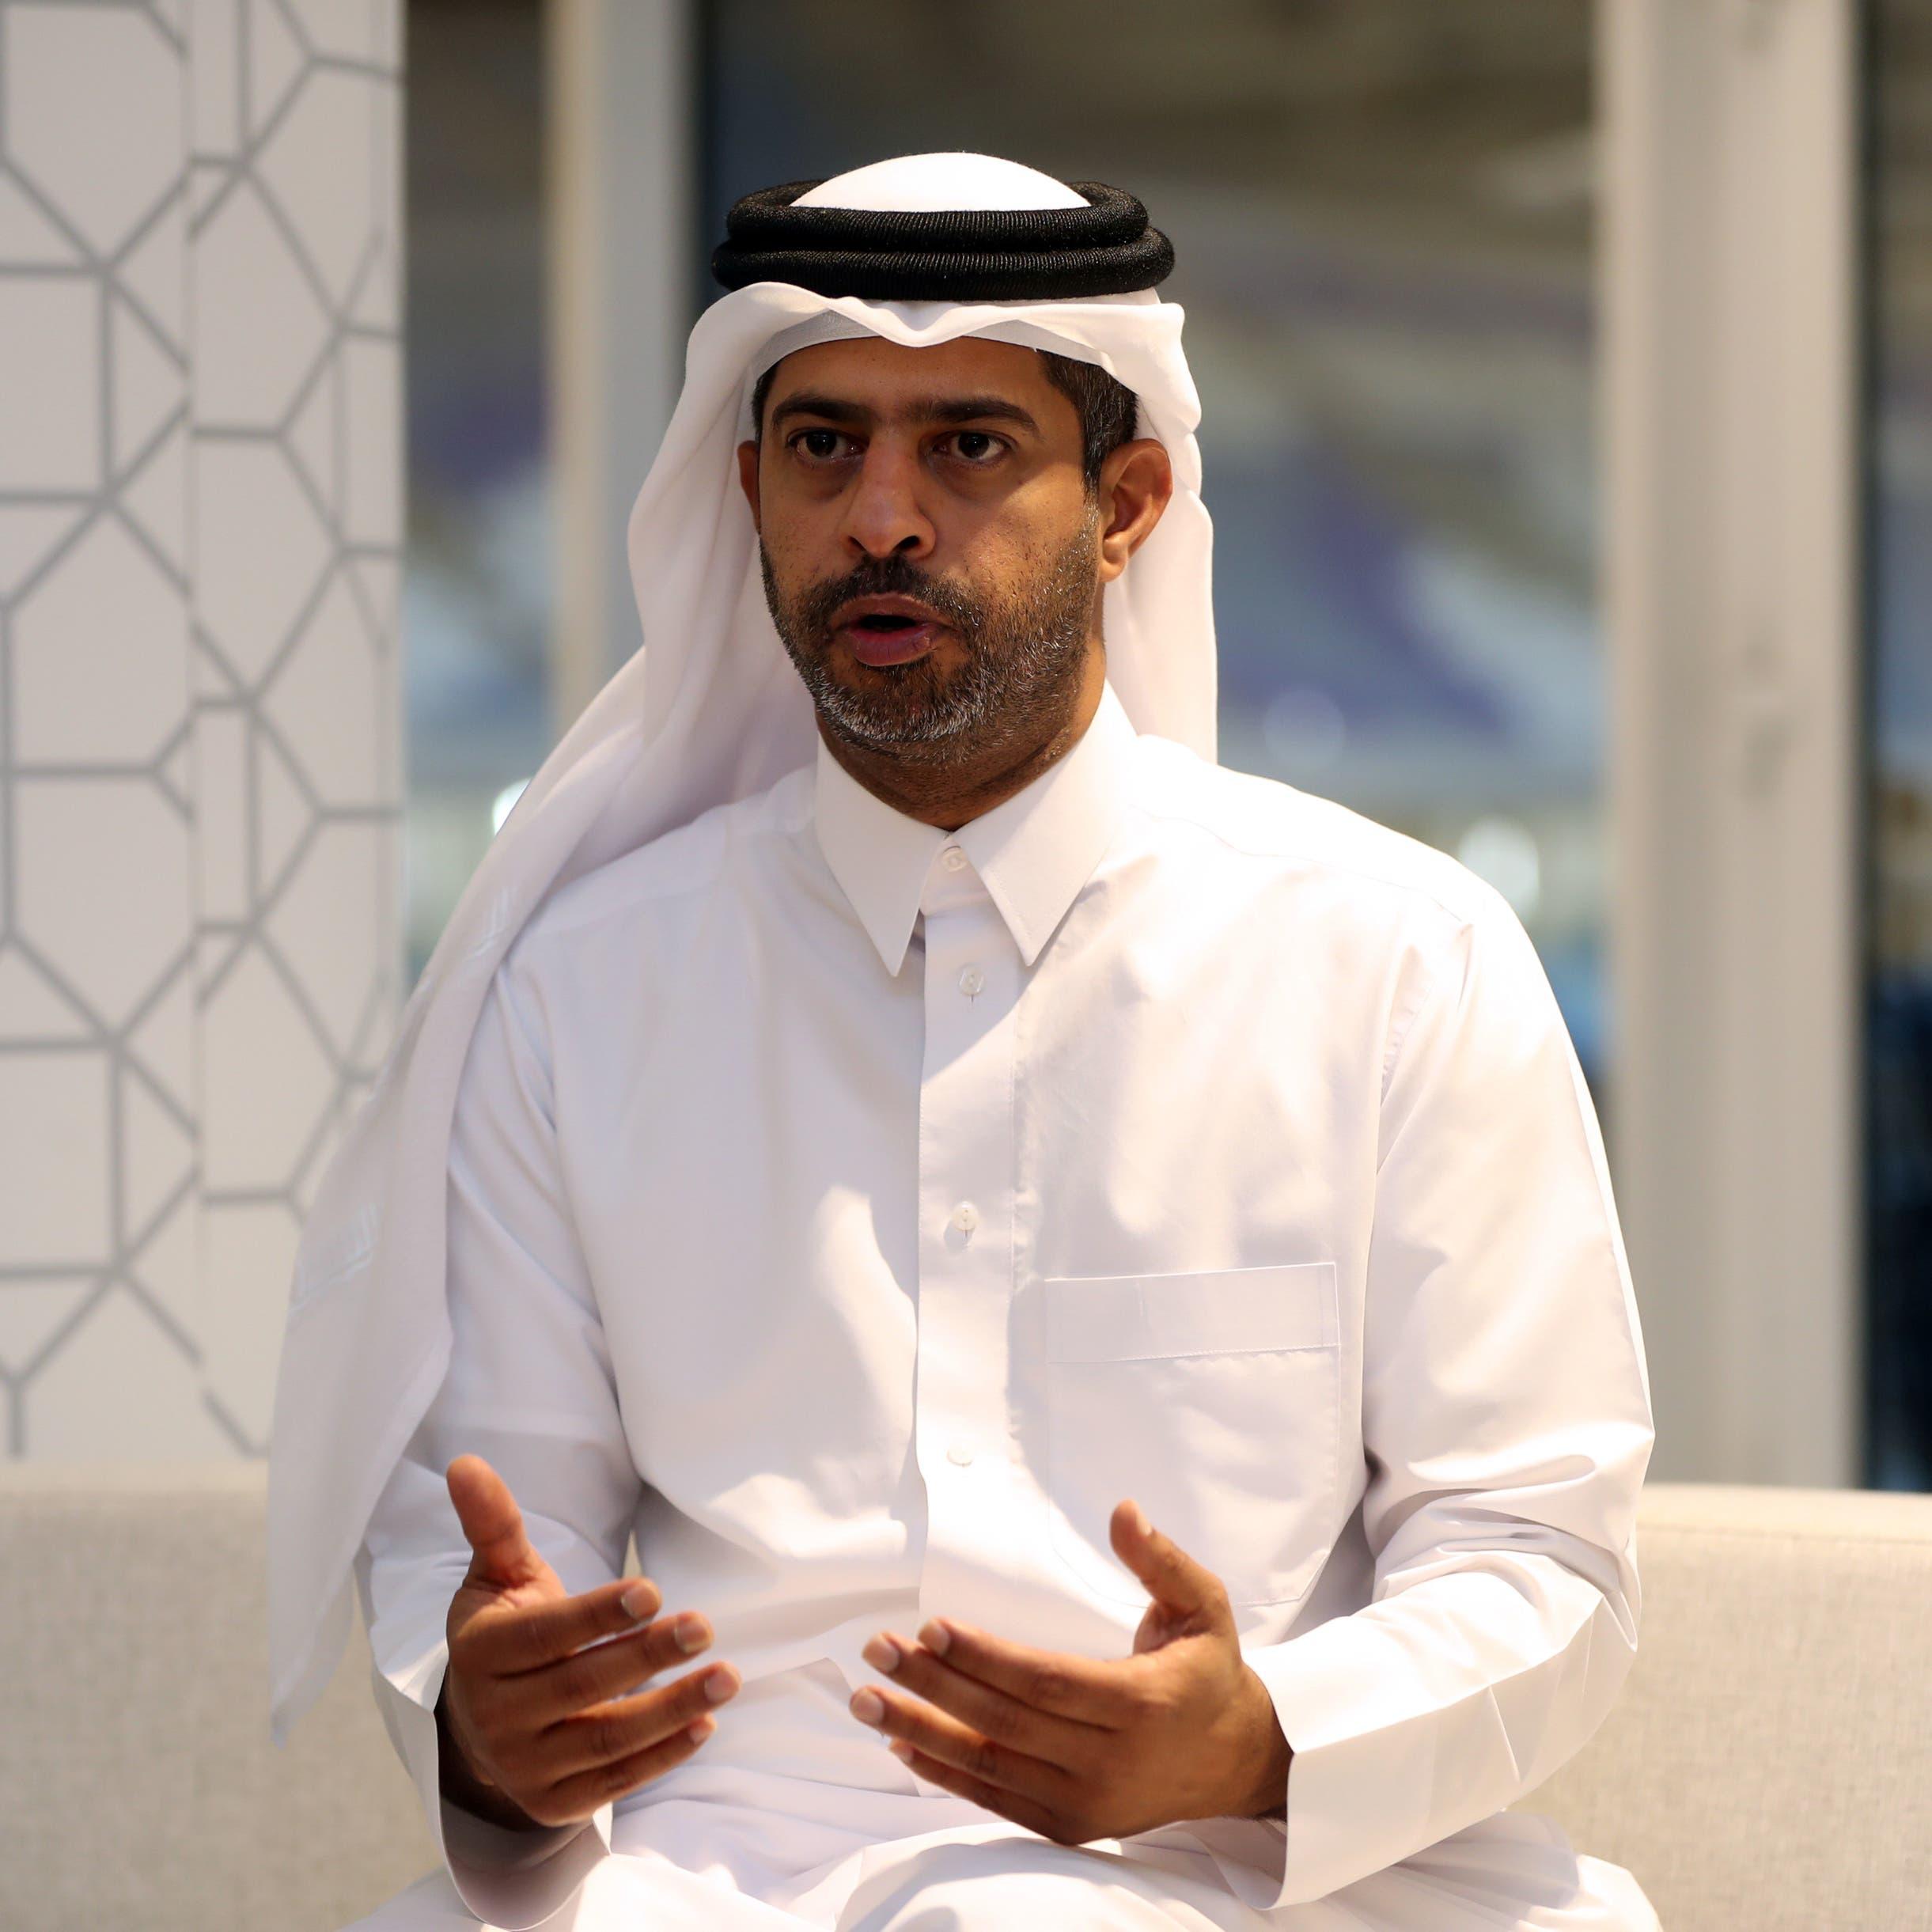 رويترز: قطر تعد بسهولة الوصول للمشروبات الكحولية بكأس العالم